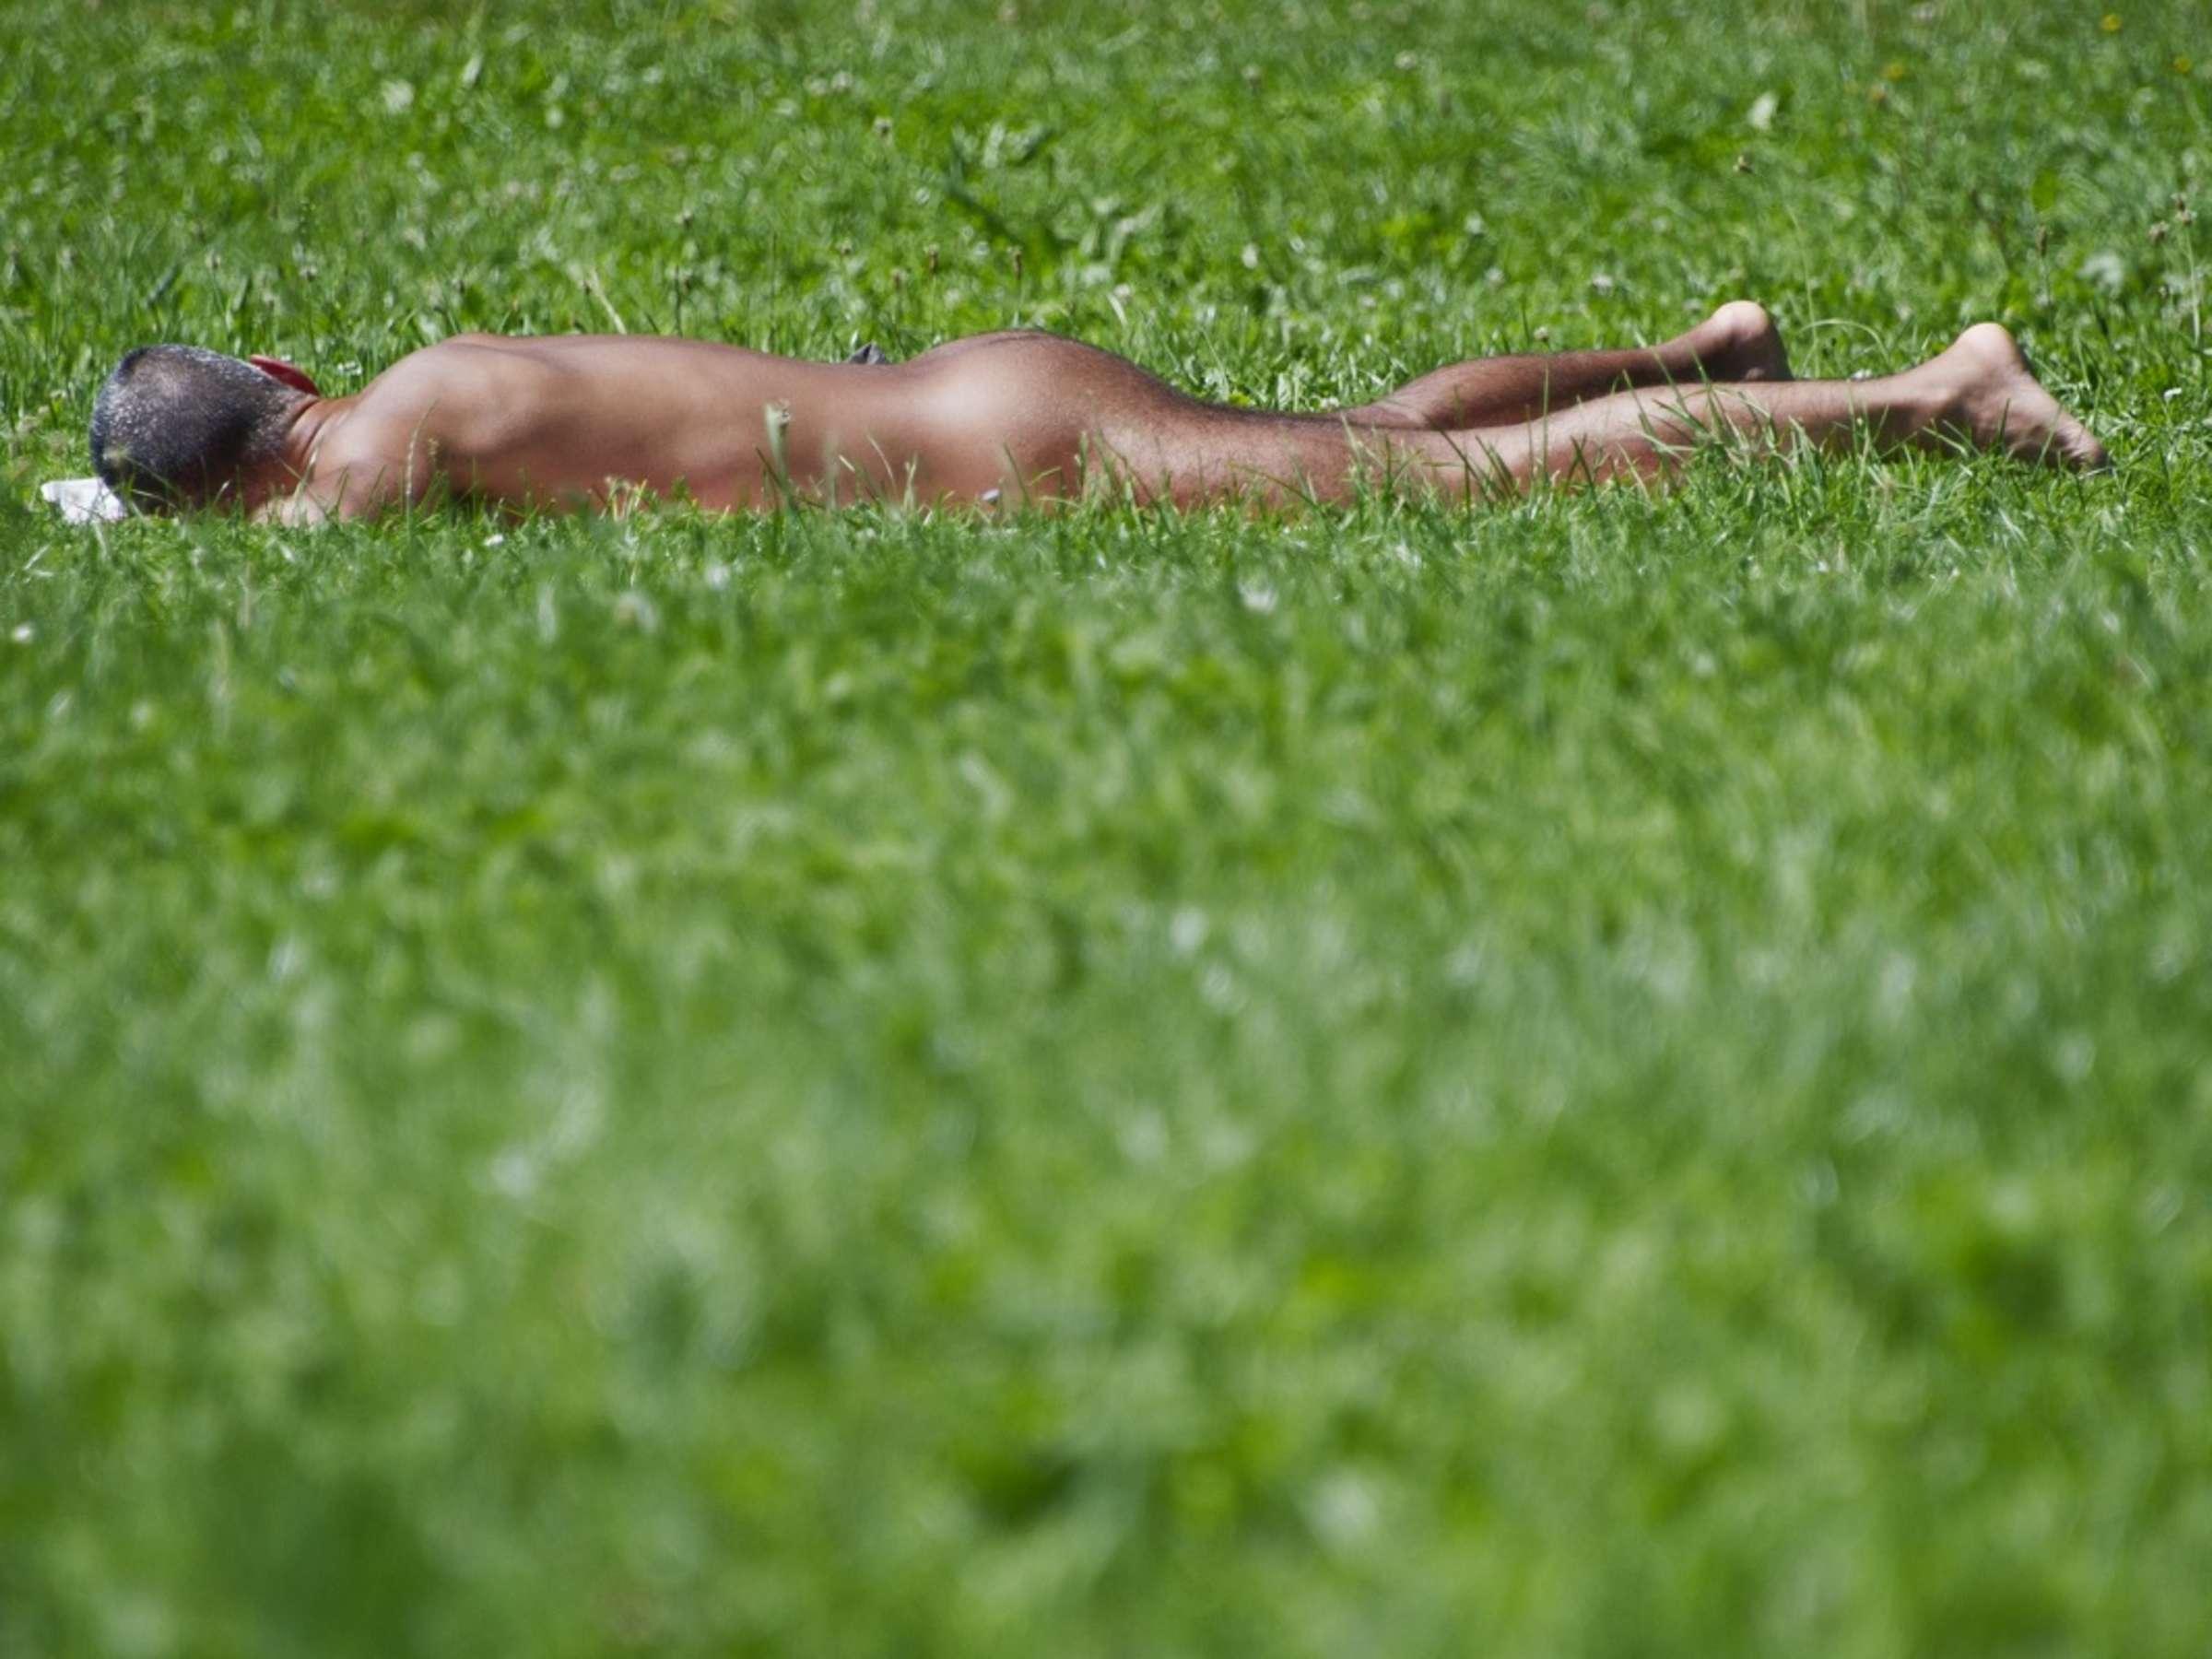 Bilder sonnenbaden nackt privat Sonnenbad im